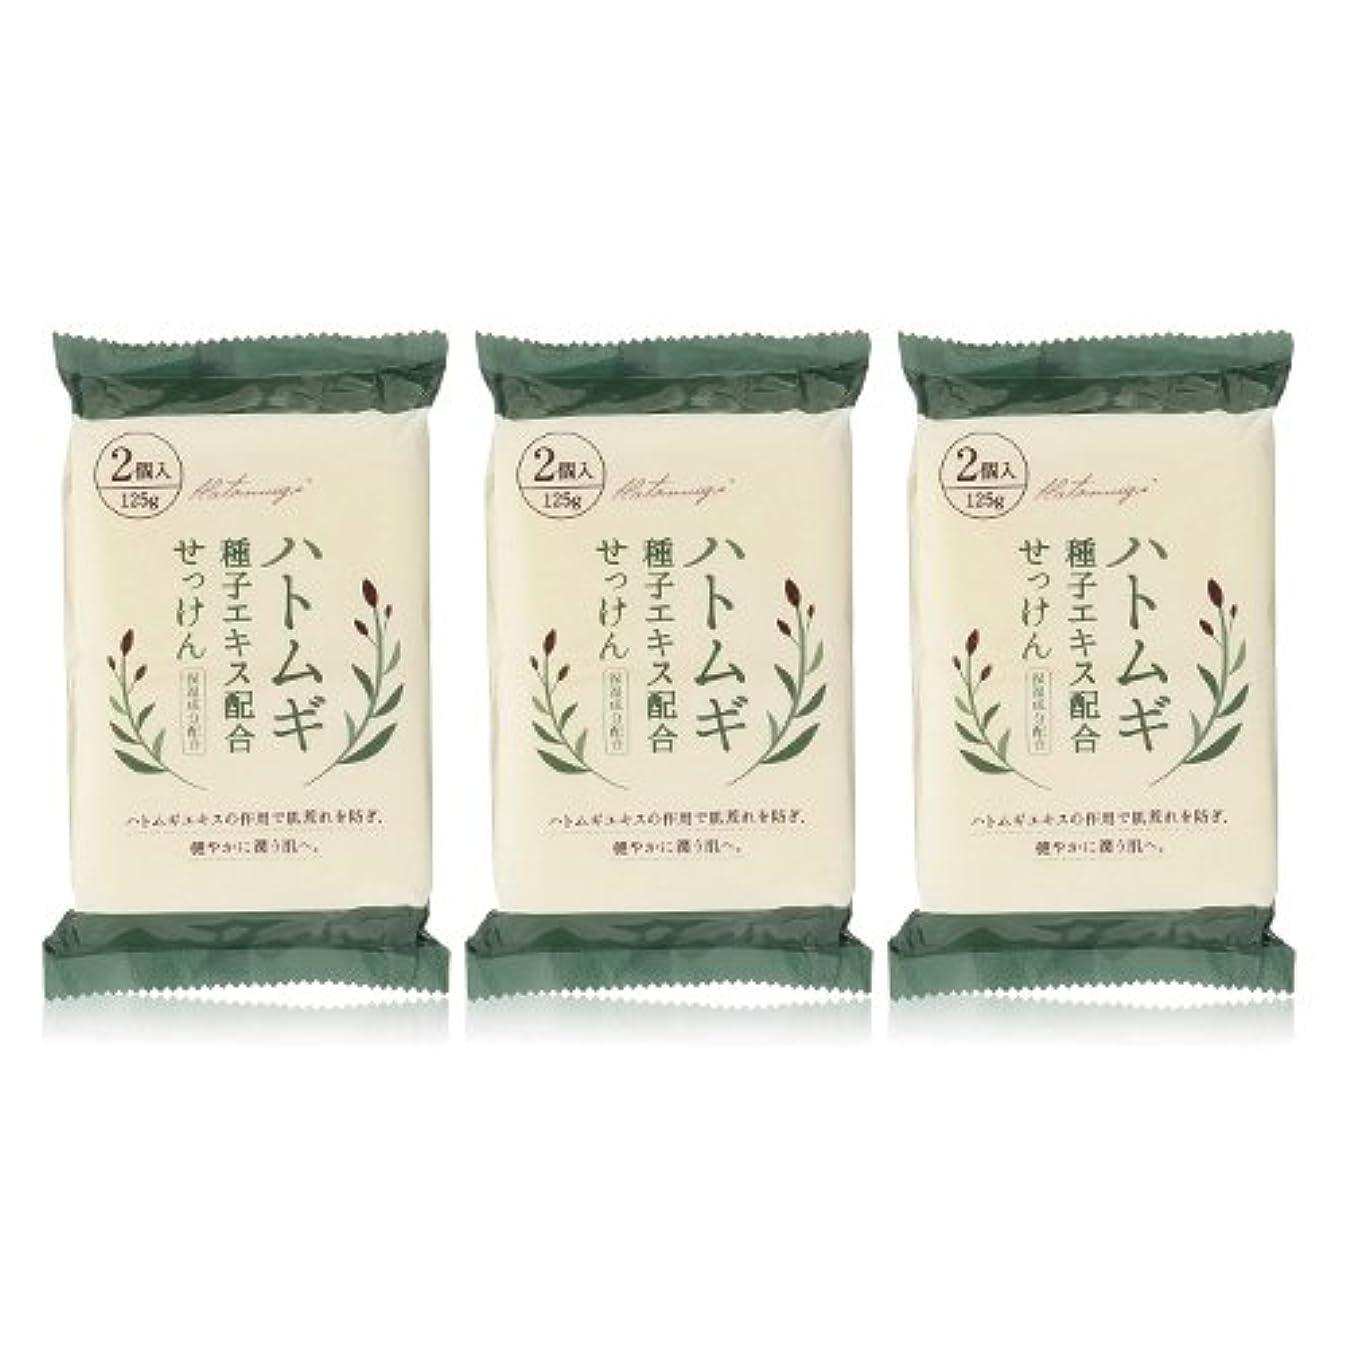 持続的プロジェクター女将ハトムギ種子エキス配合石けん 125g(2コ入)×3個セット(計6個)